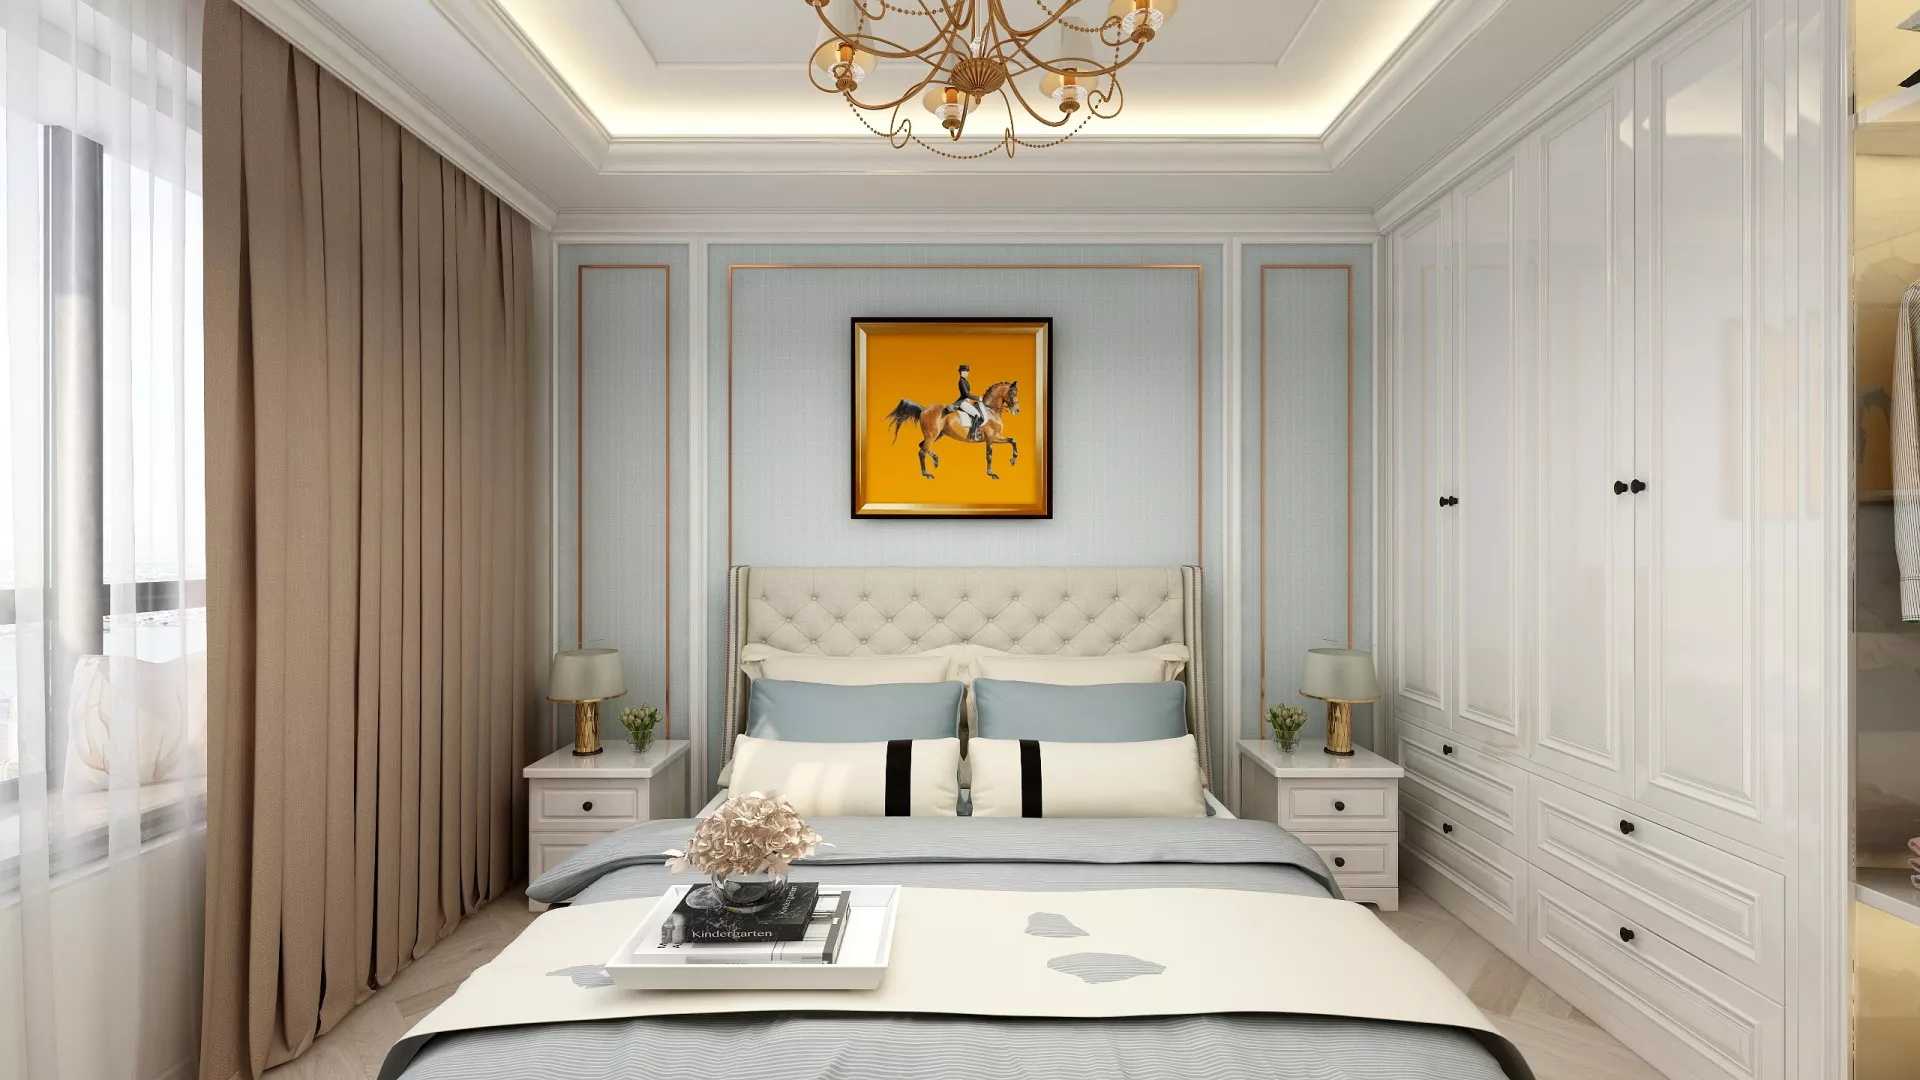 卧室装修技巧有哪些 卧室装修原则